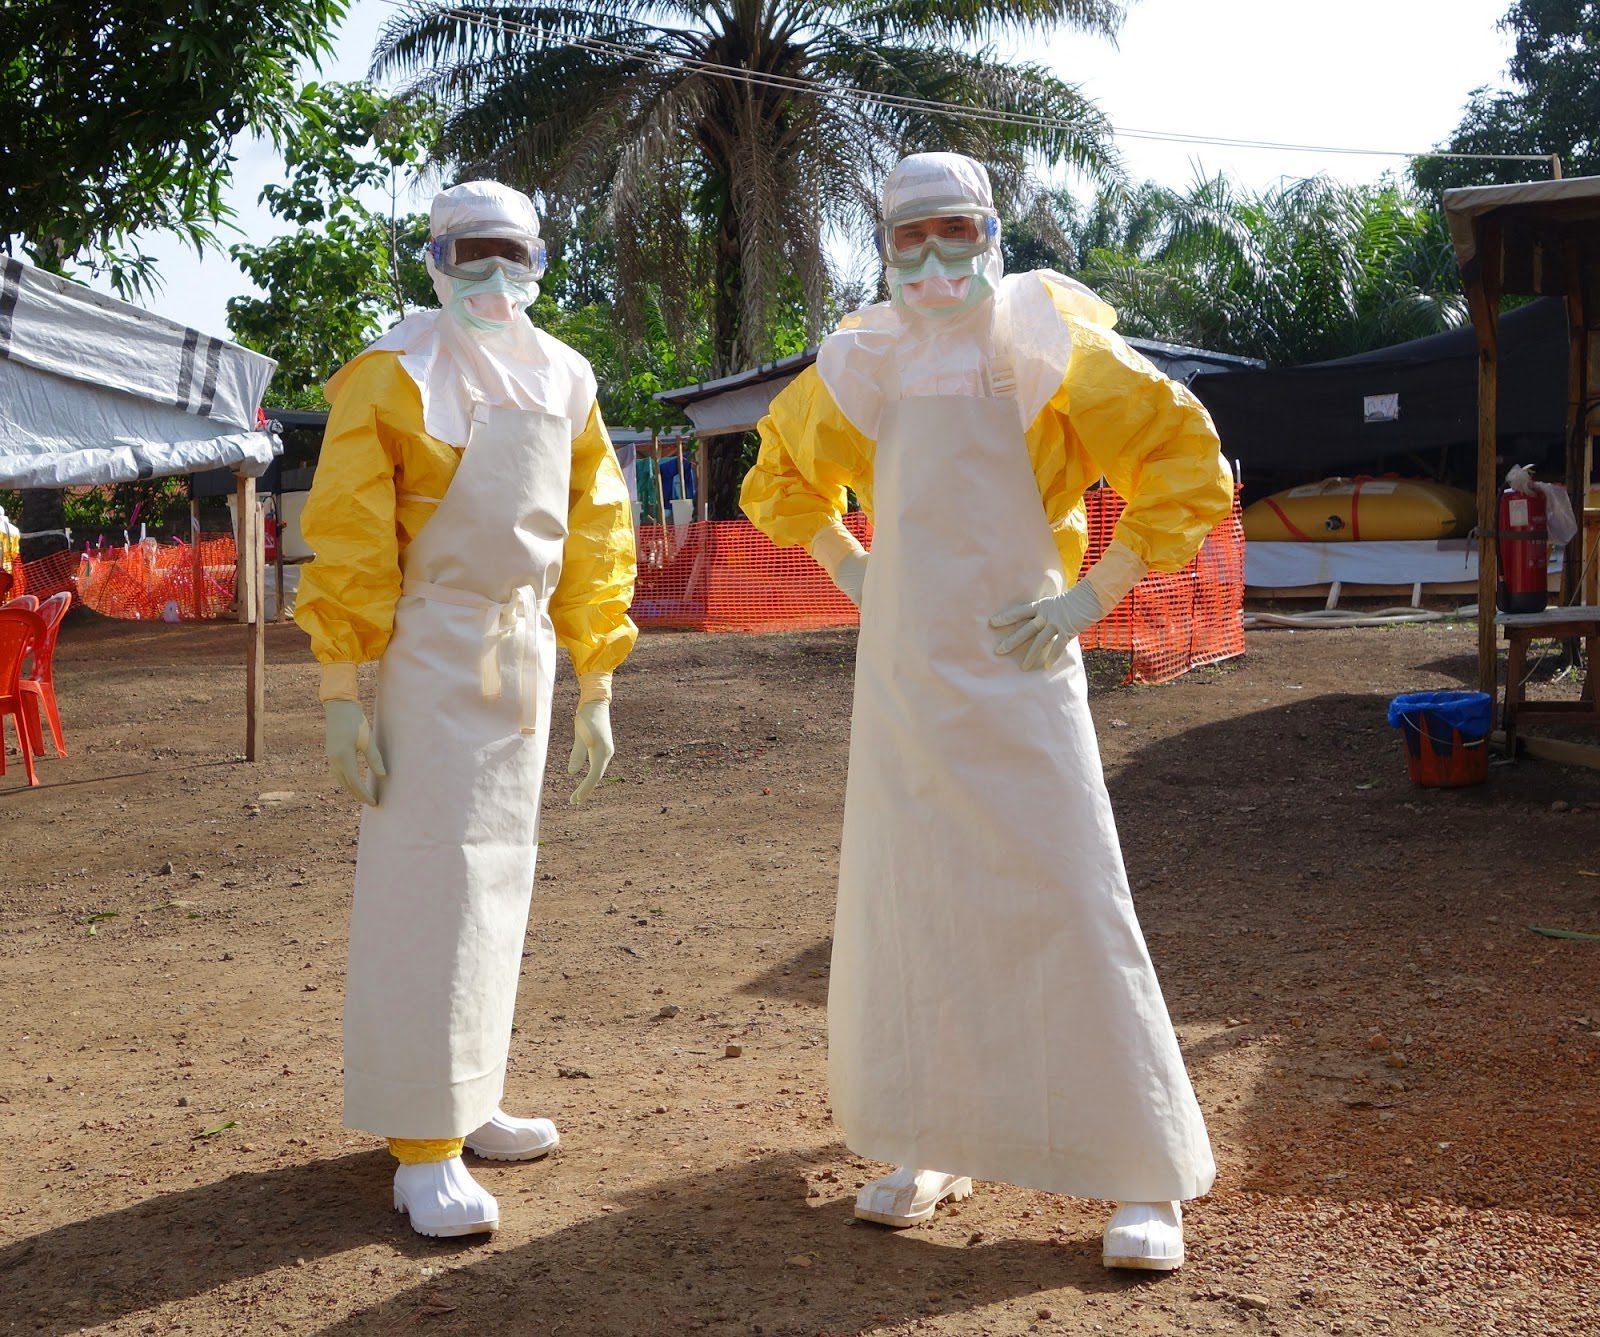 wpid-ebolasuit.jpg